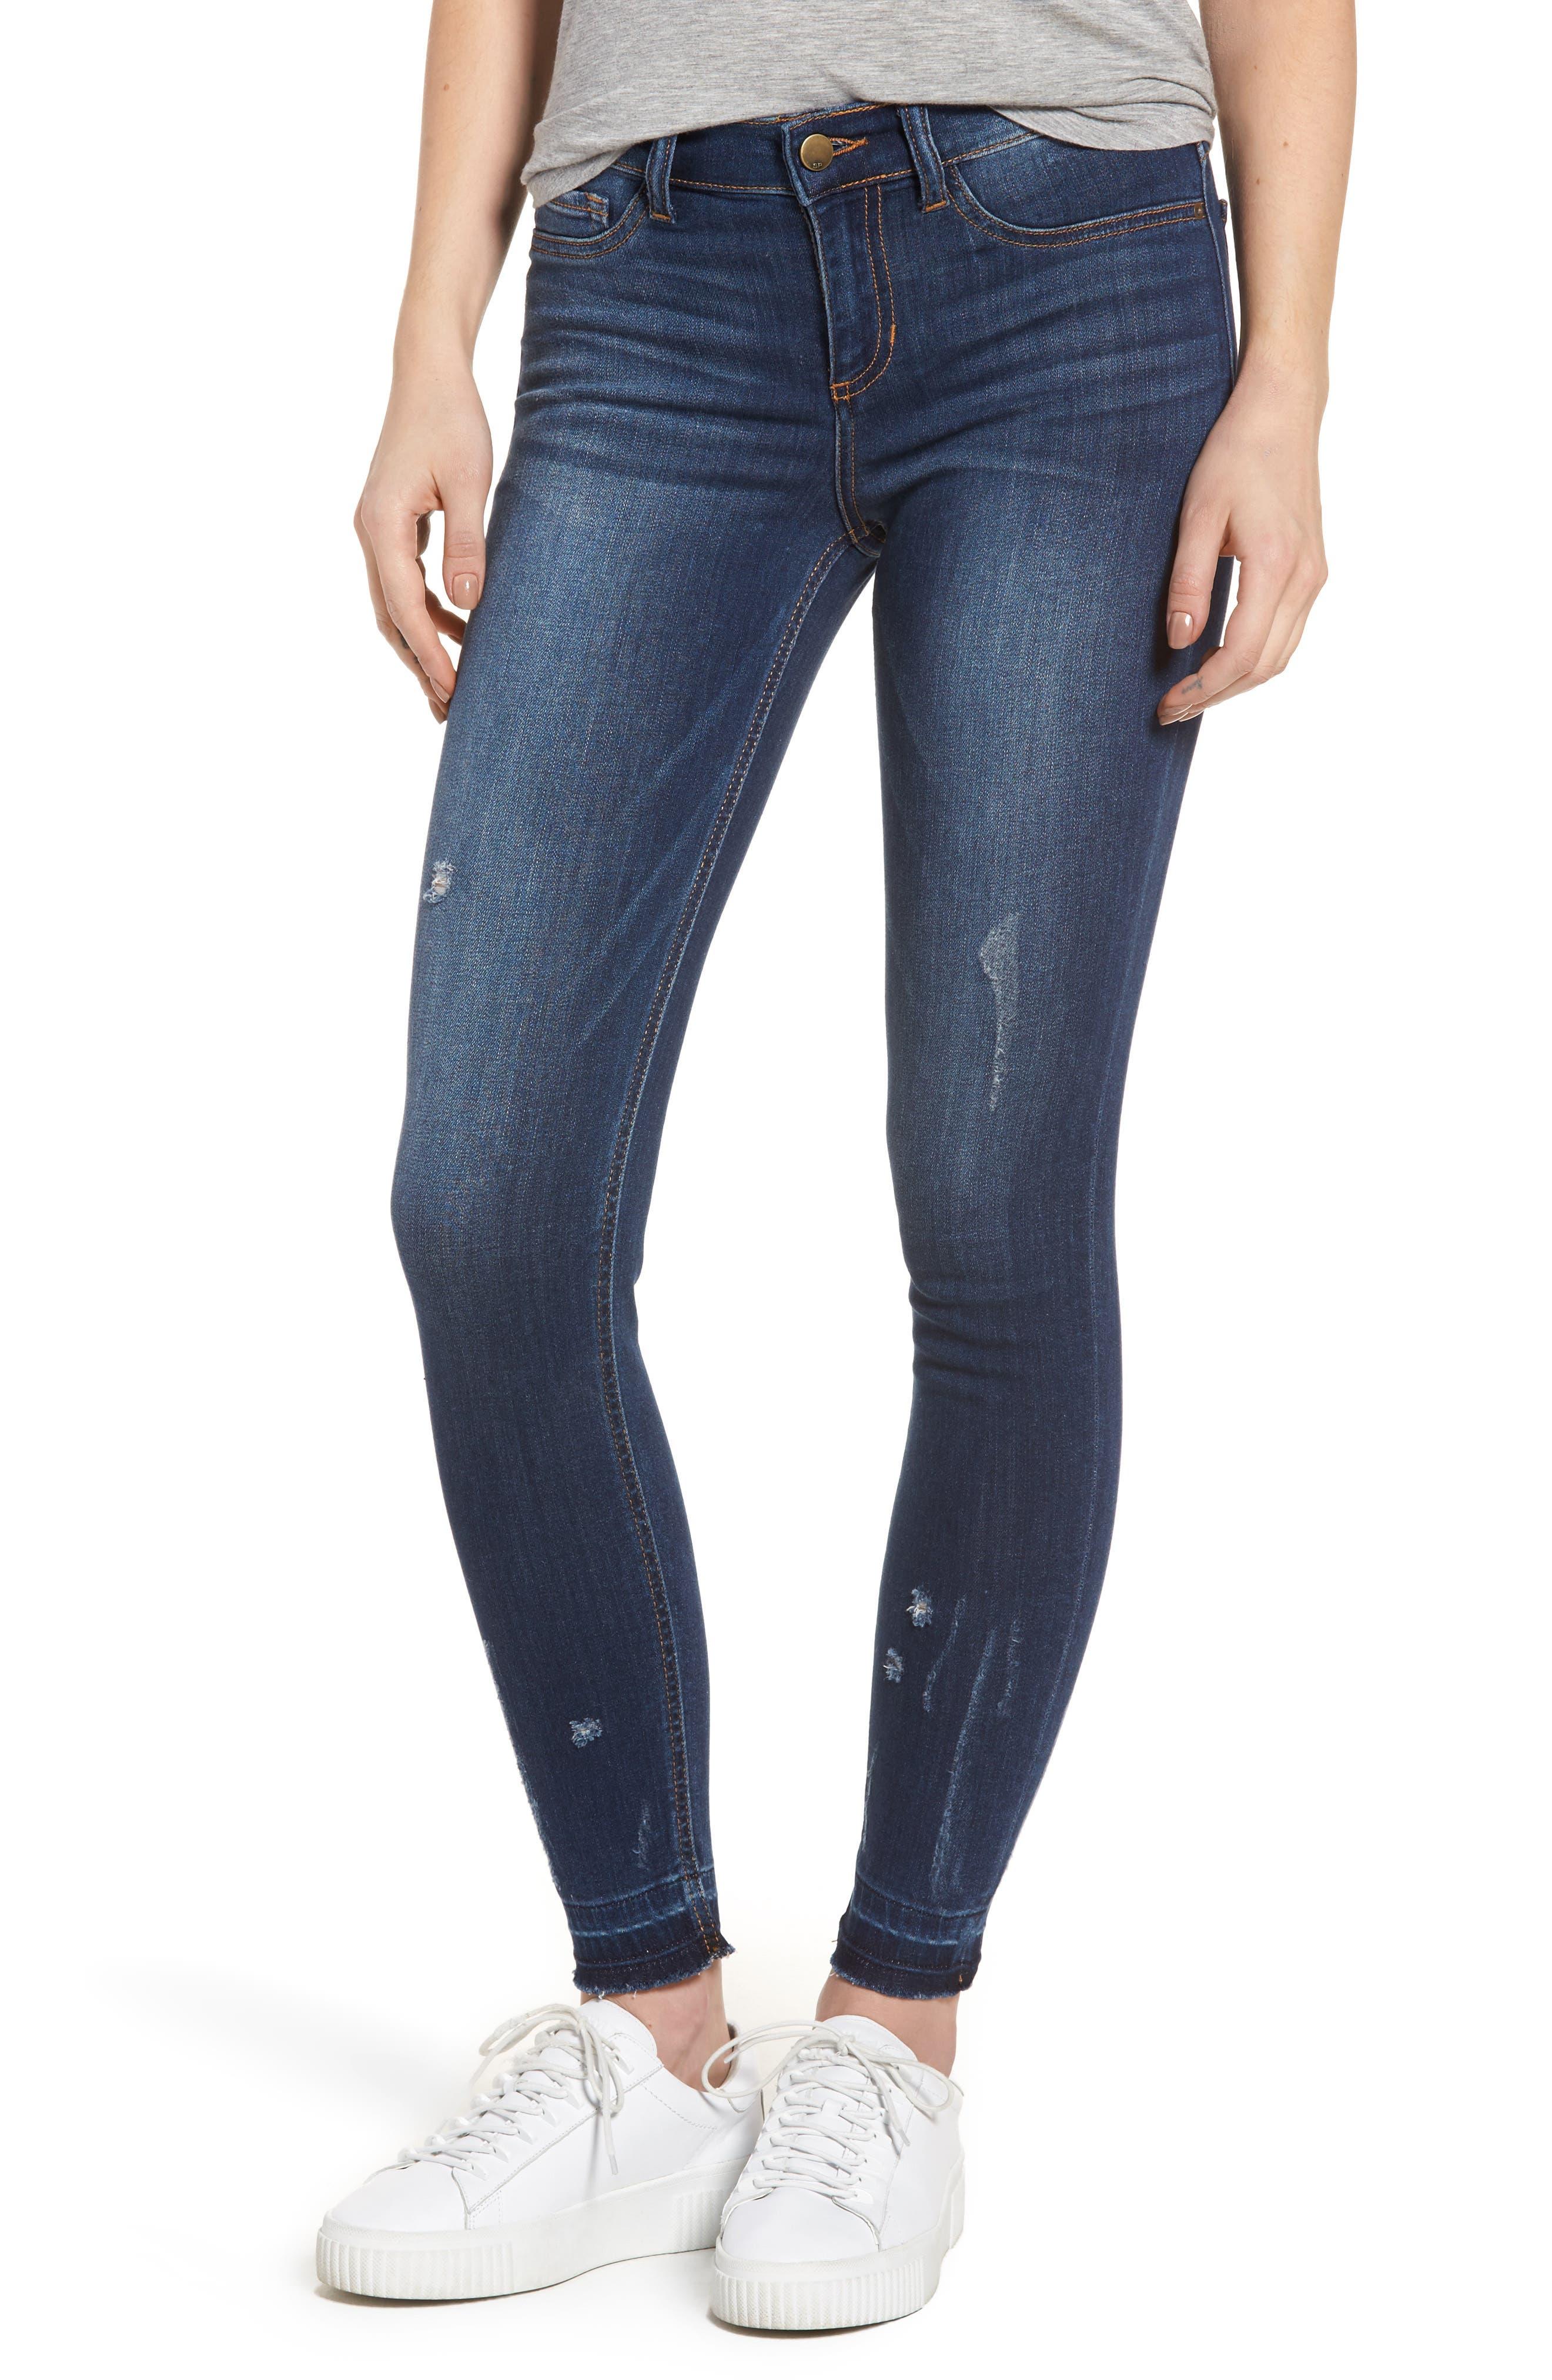 SP Black Skinny Jeans